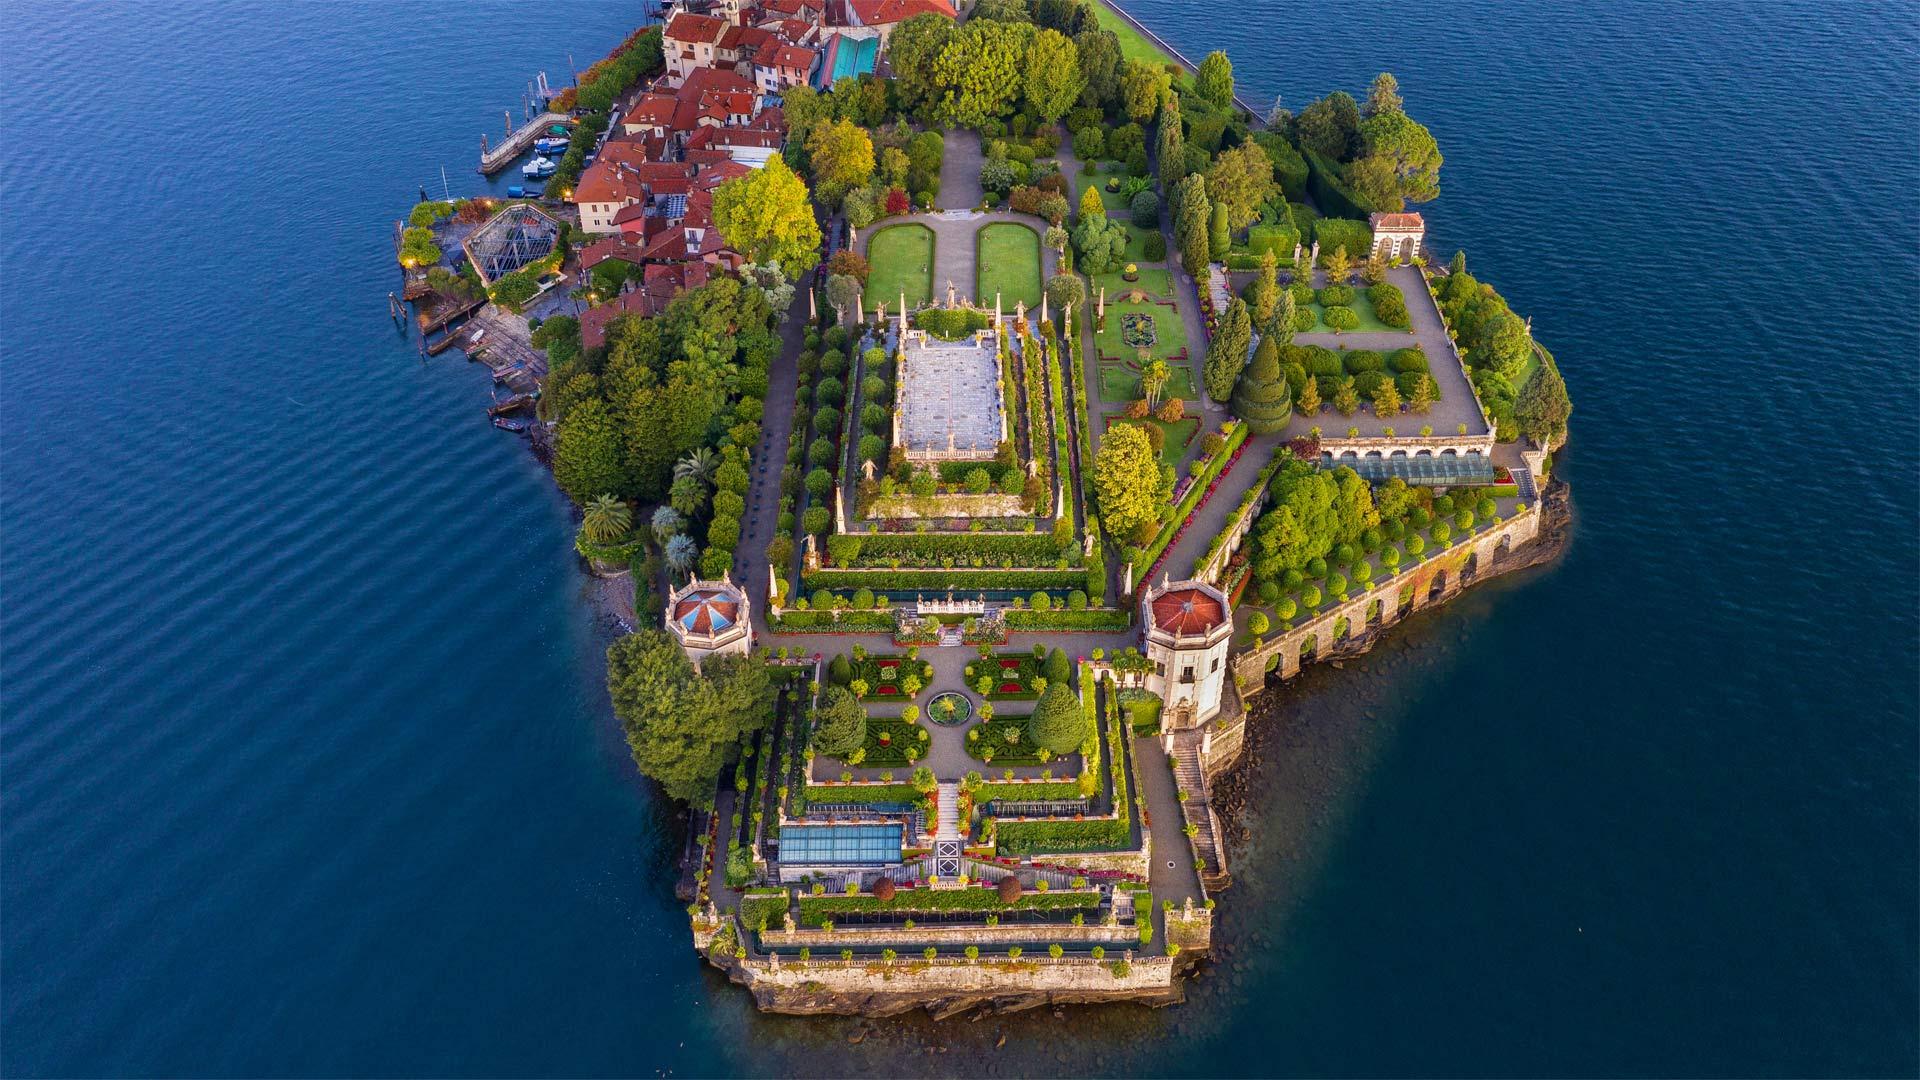 Isola Bella, Lake Maggiore, Piedmont, Italy (© Massimo Ripani/eStock Photo)(Bing United States)